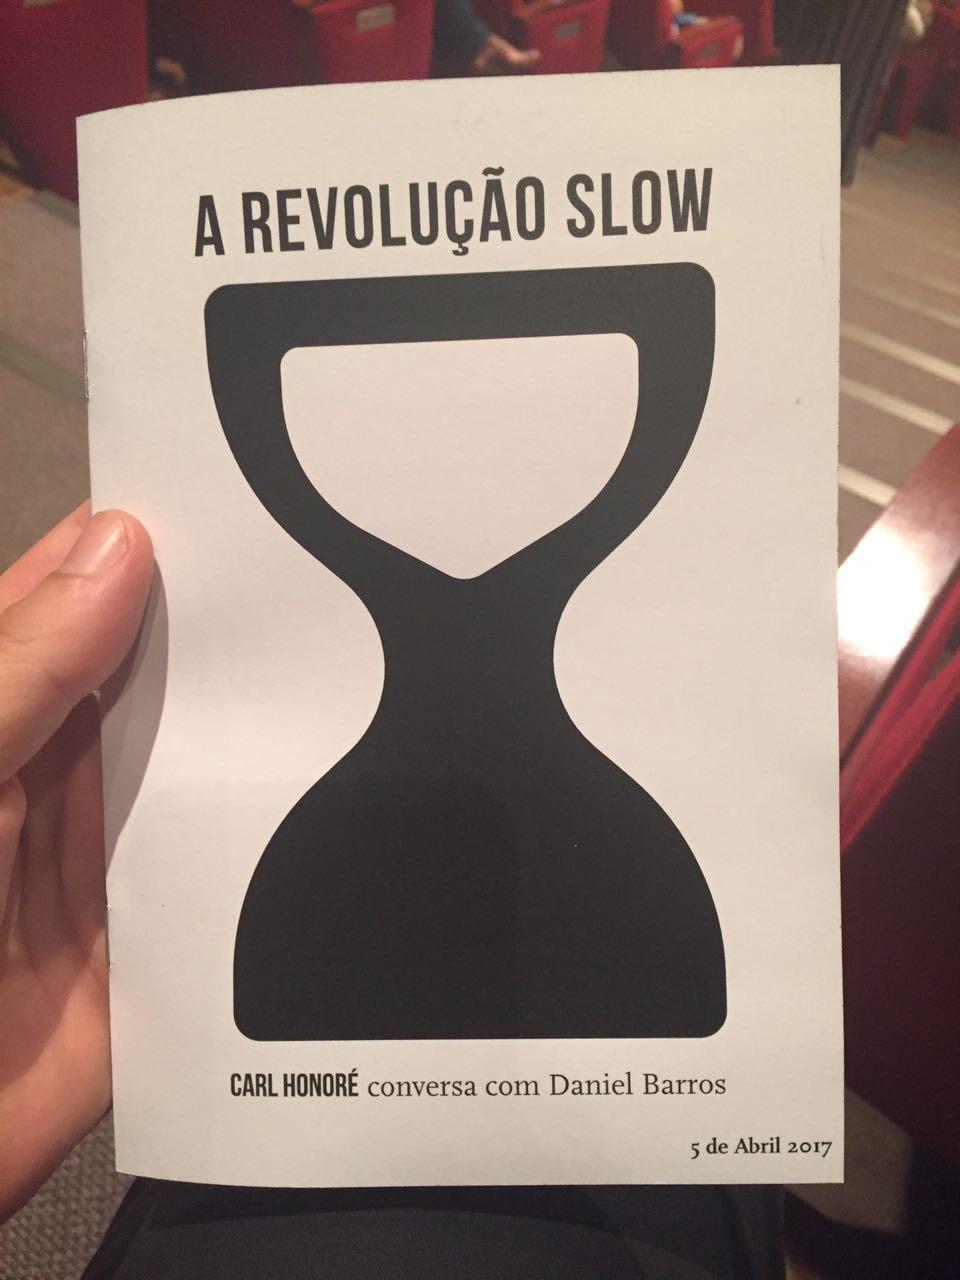 A Revolução Slow será lenta, mas já começou!